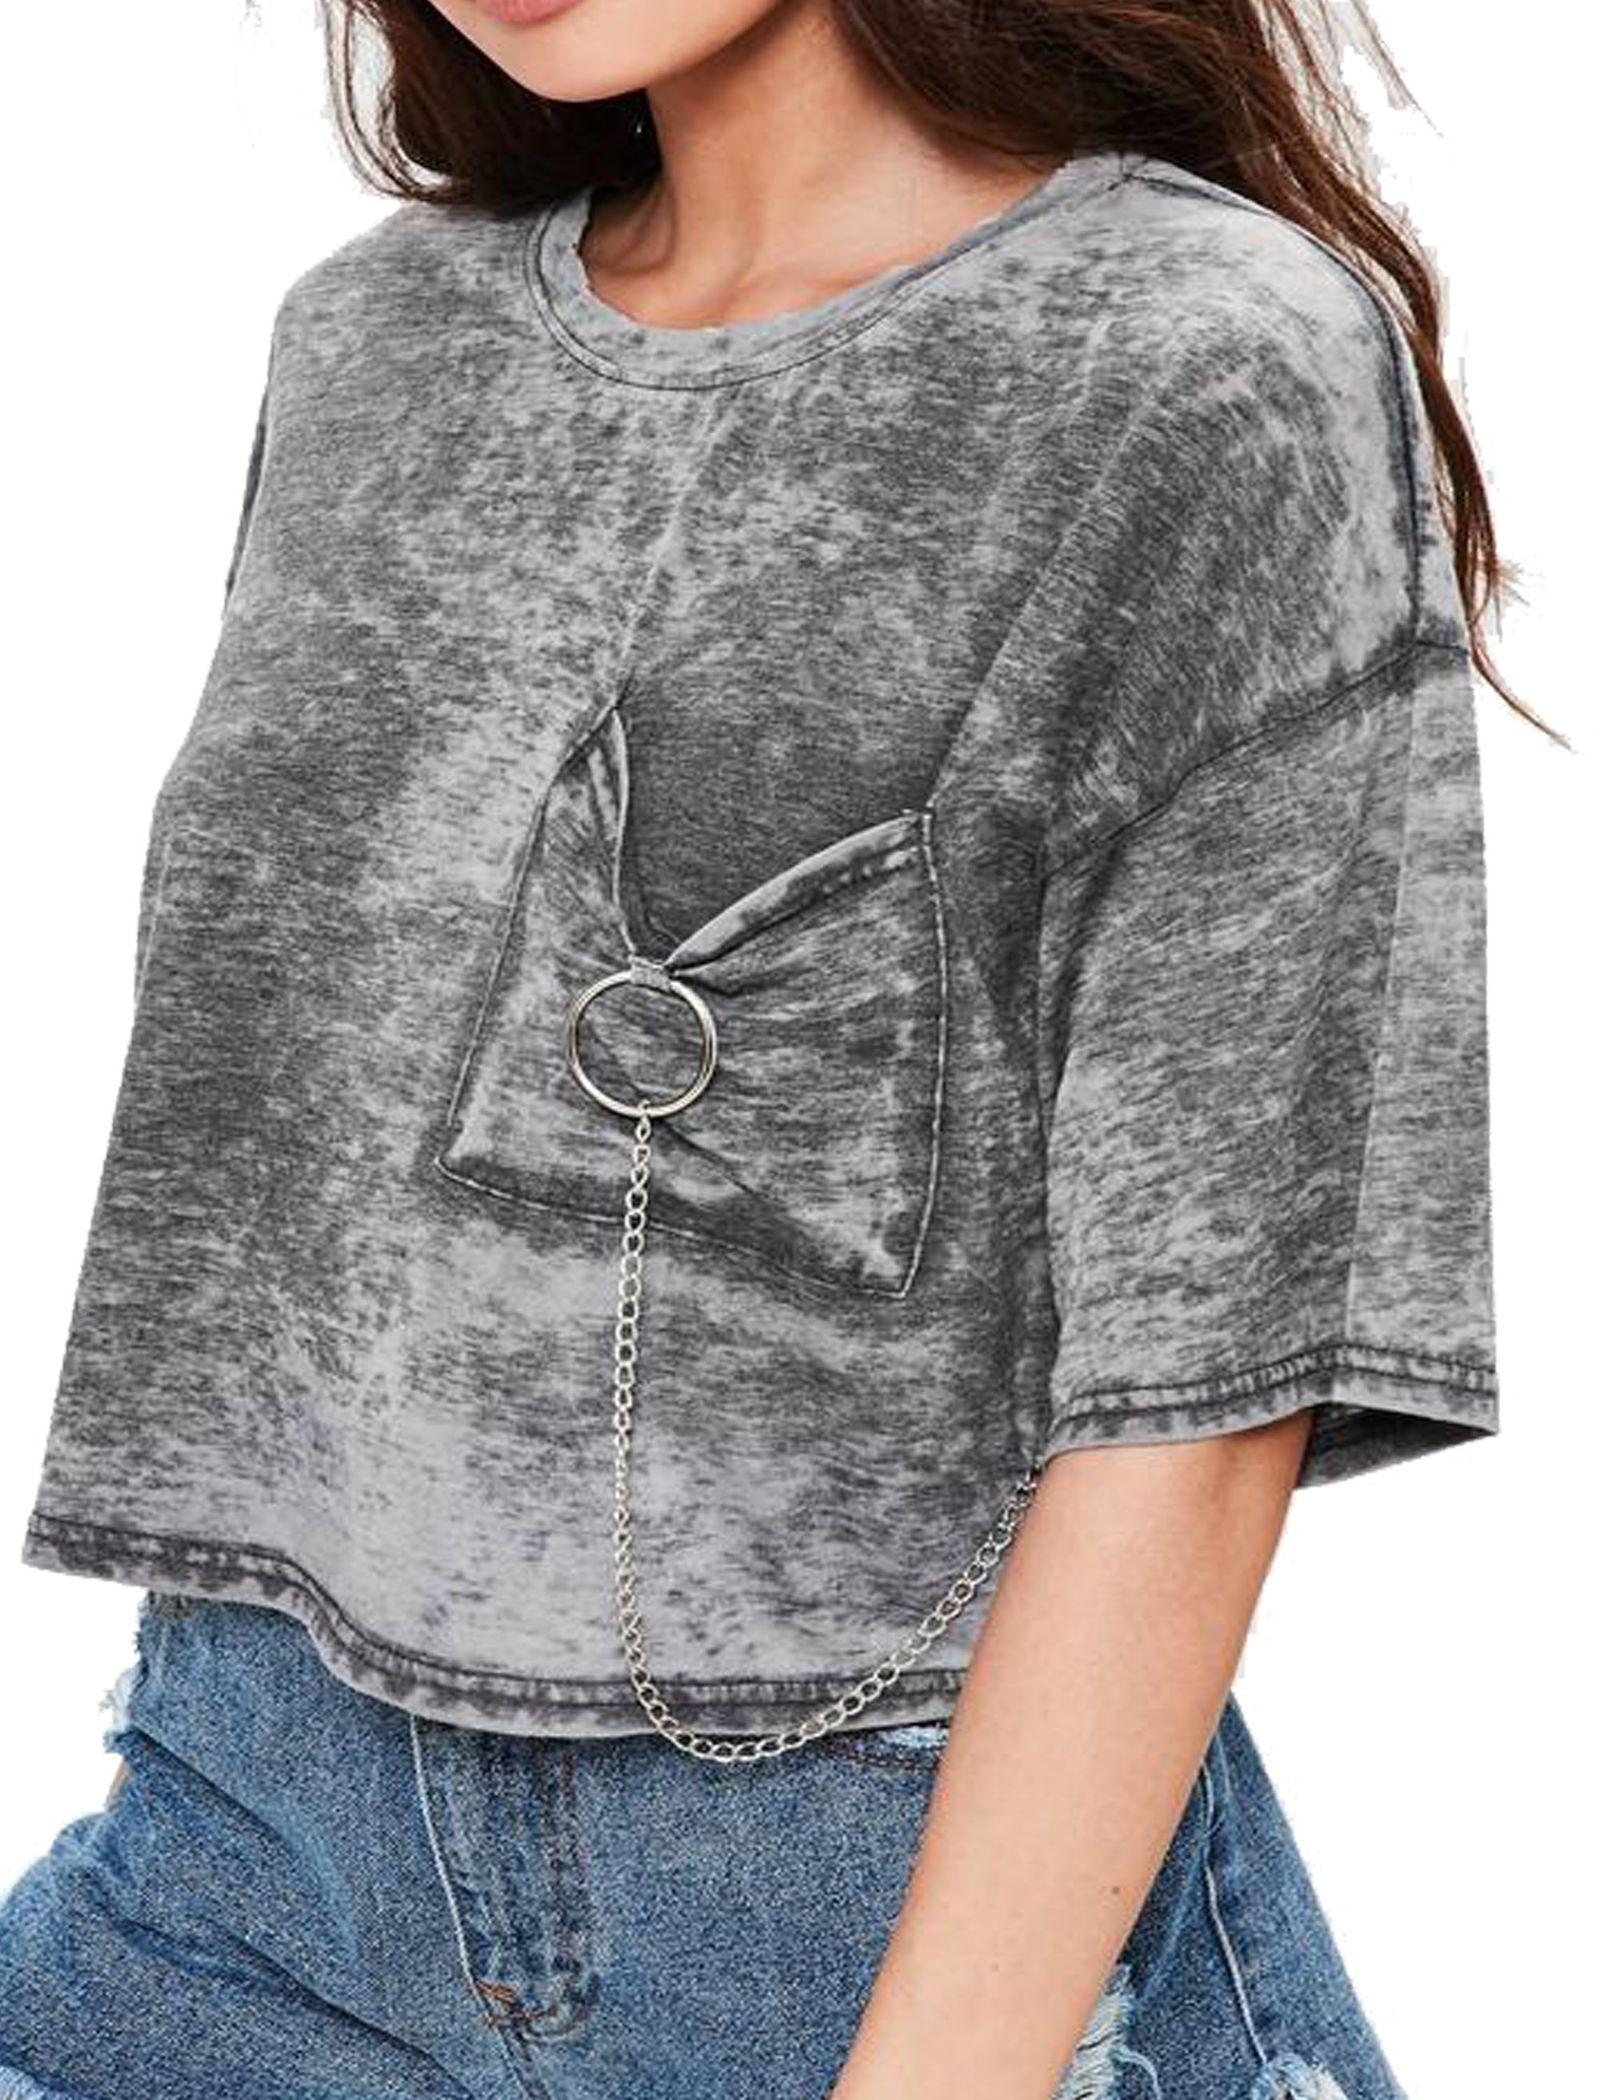 تی شرت یقه گرد زنانه - میسگایدد - طوسي - 1